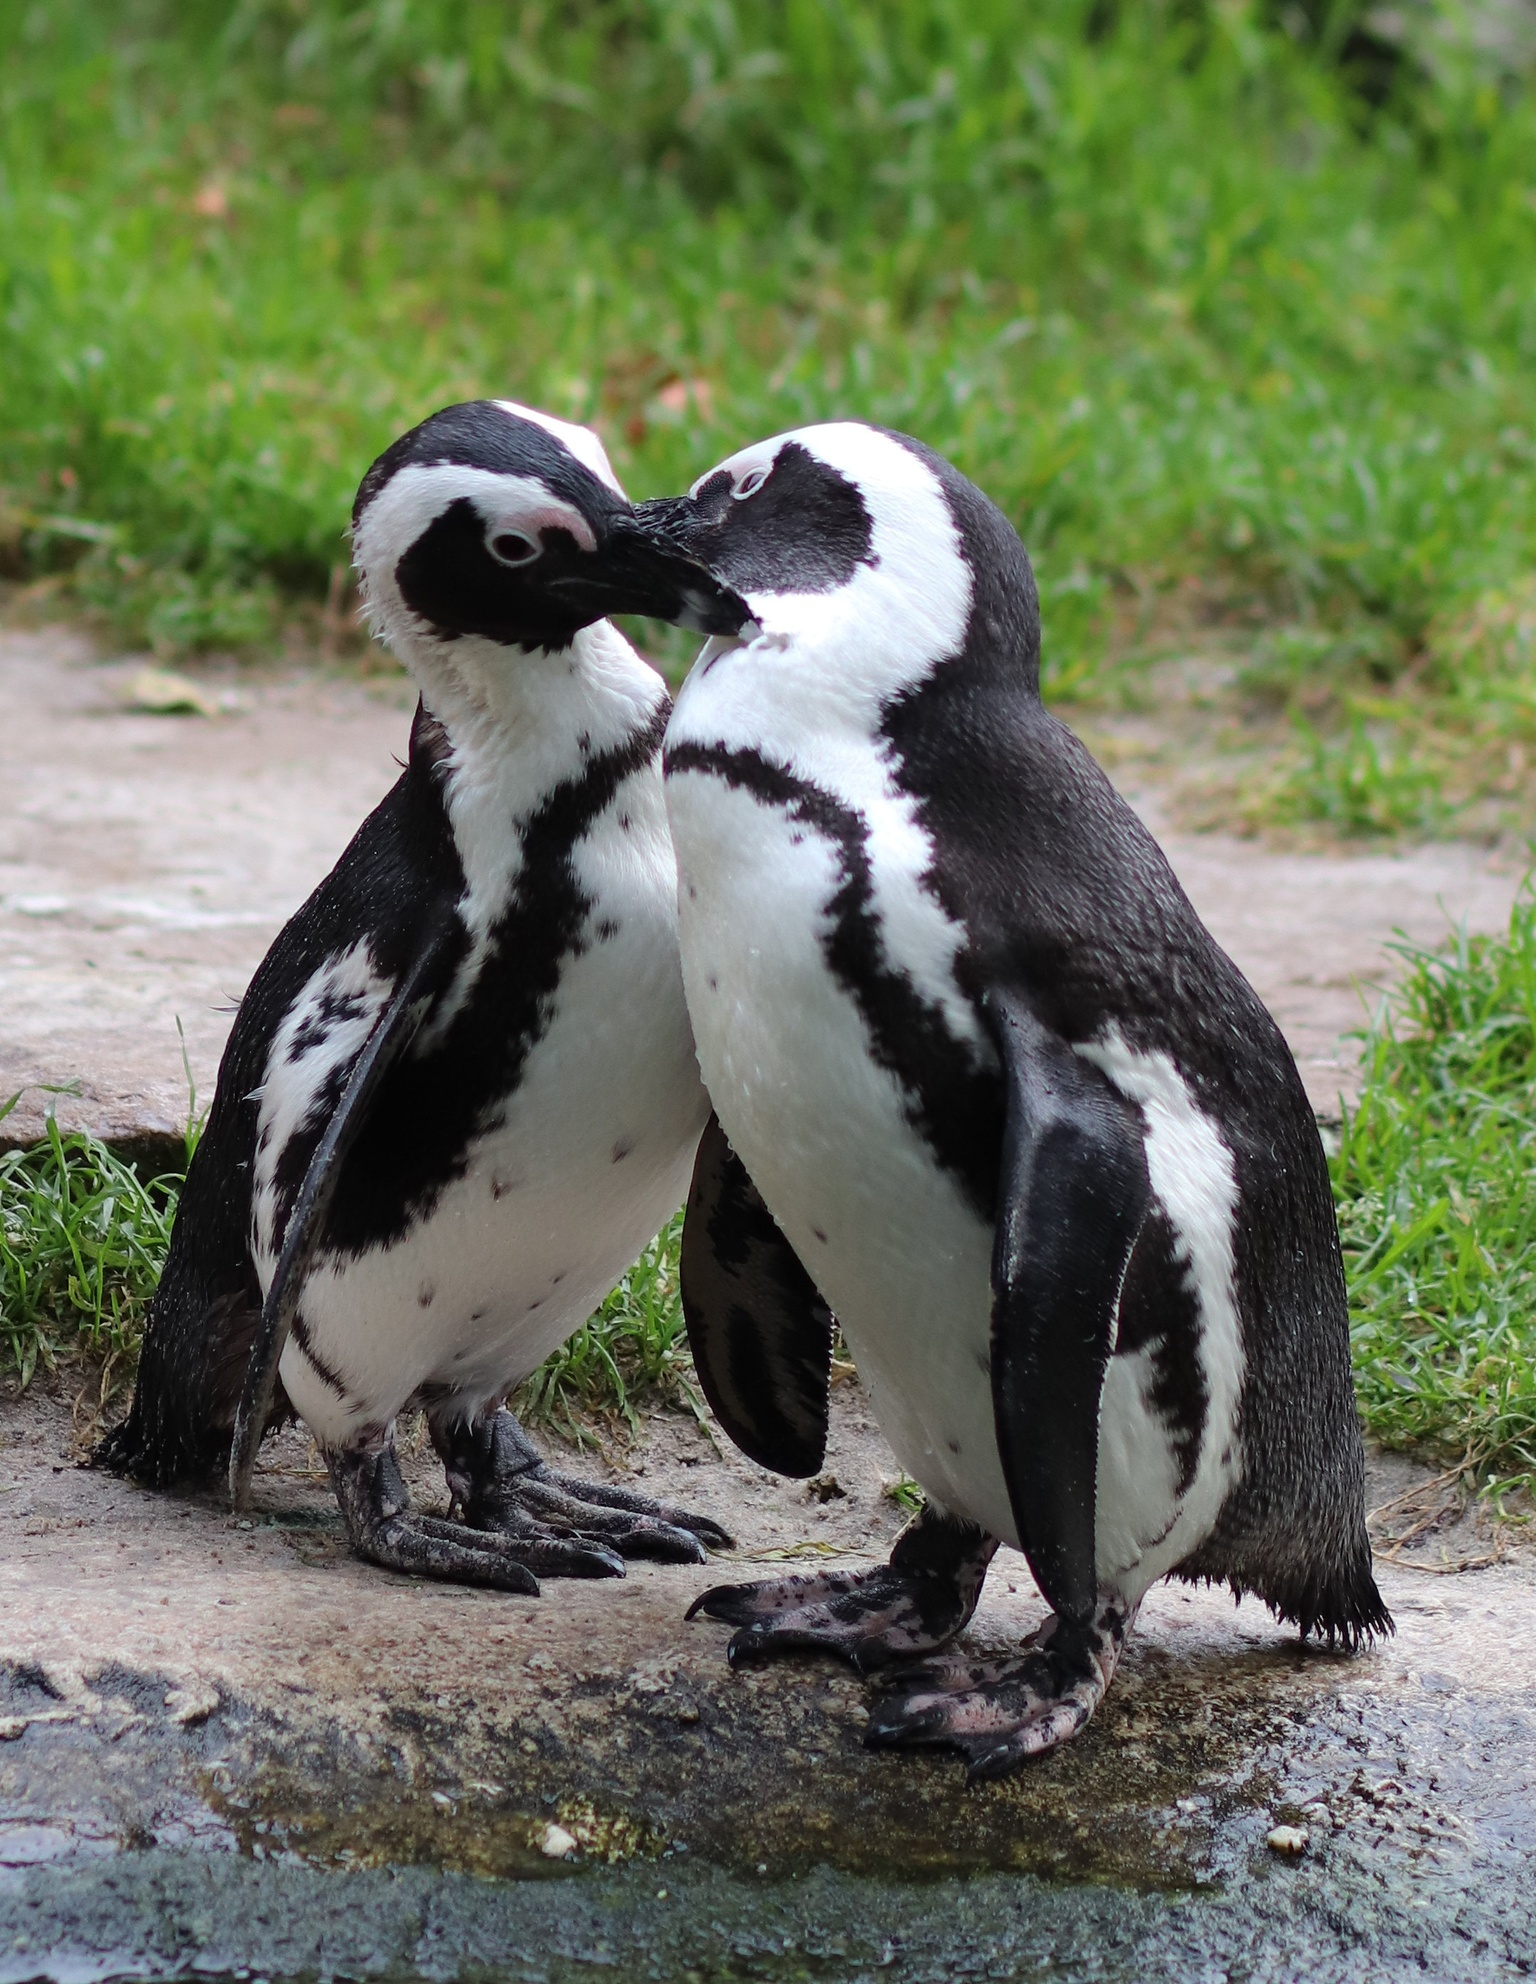 The Kiss  - Bedankt voor jullie reacties op mijn vorige upload. - foto door Dorothy op 16-04-2021 - deze foto bevat: zwartvoetpinguïns, dieren, natuur, pinguïn, vogel, bek, nek, organisme, fabriek, terrestrische dieren, niet-vliegende vogel, water, natuurlijk landschap